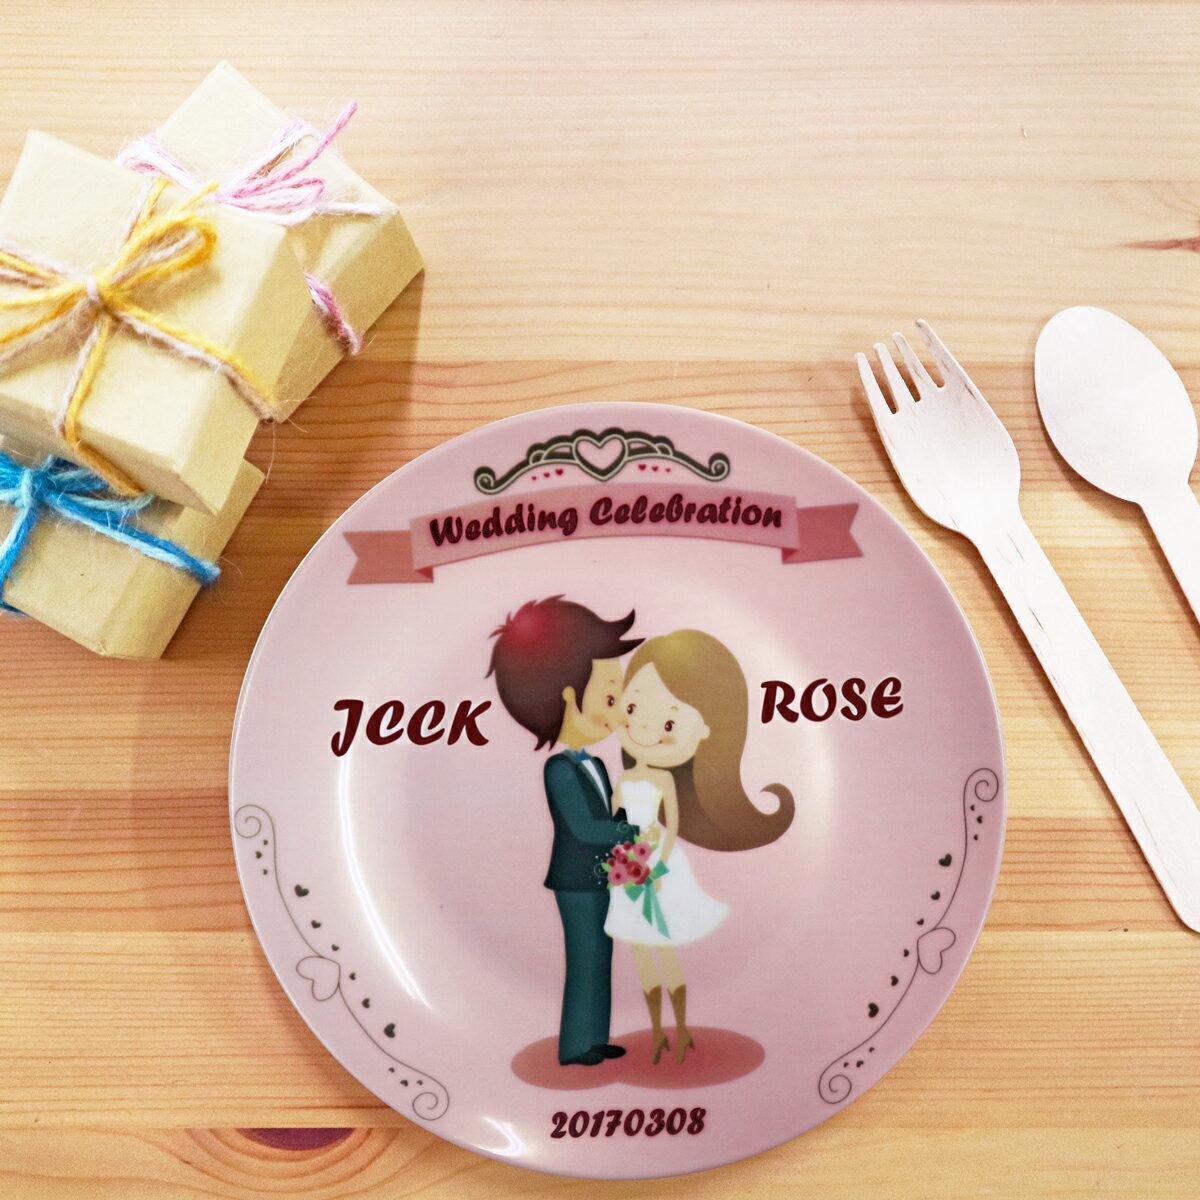 《陶緣彩瓷》 粉色婚禮Wedding Celebration-6.5吋骨瓷盤 / 結婚禮物/婚禮小物 / 伴娘禮物 / 客製化